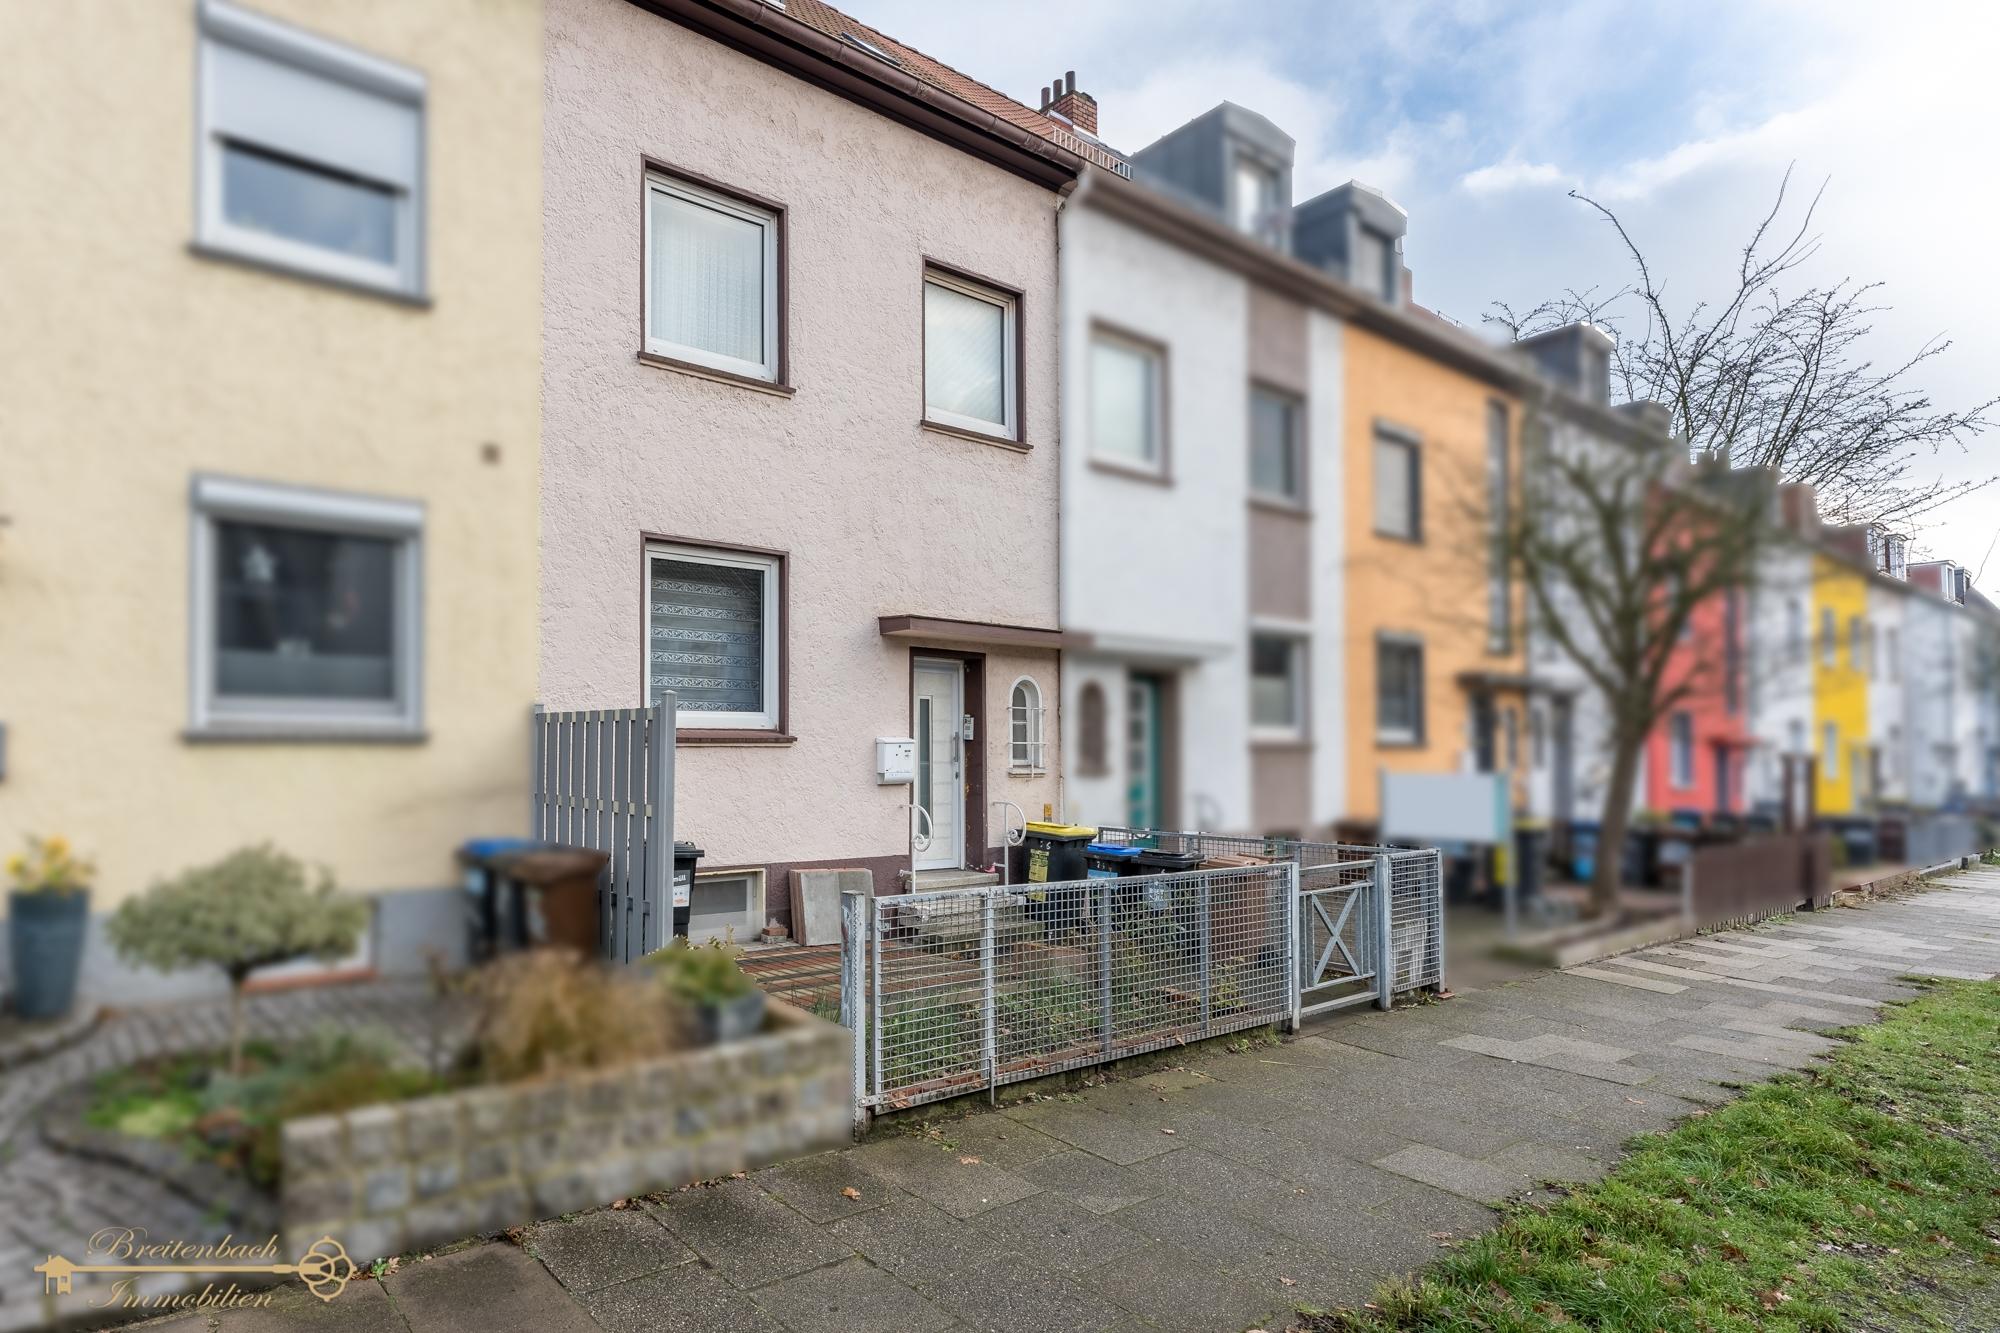 2020-12-05-Breitenbach-Immobilien-26